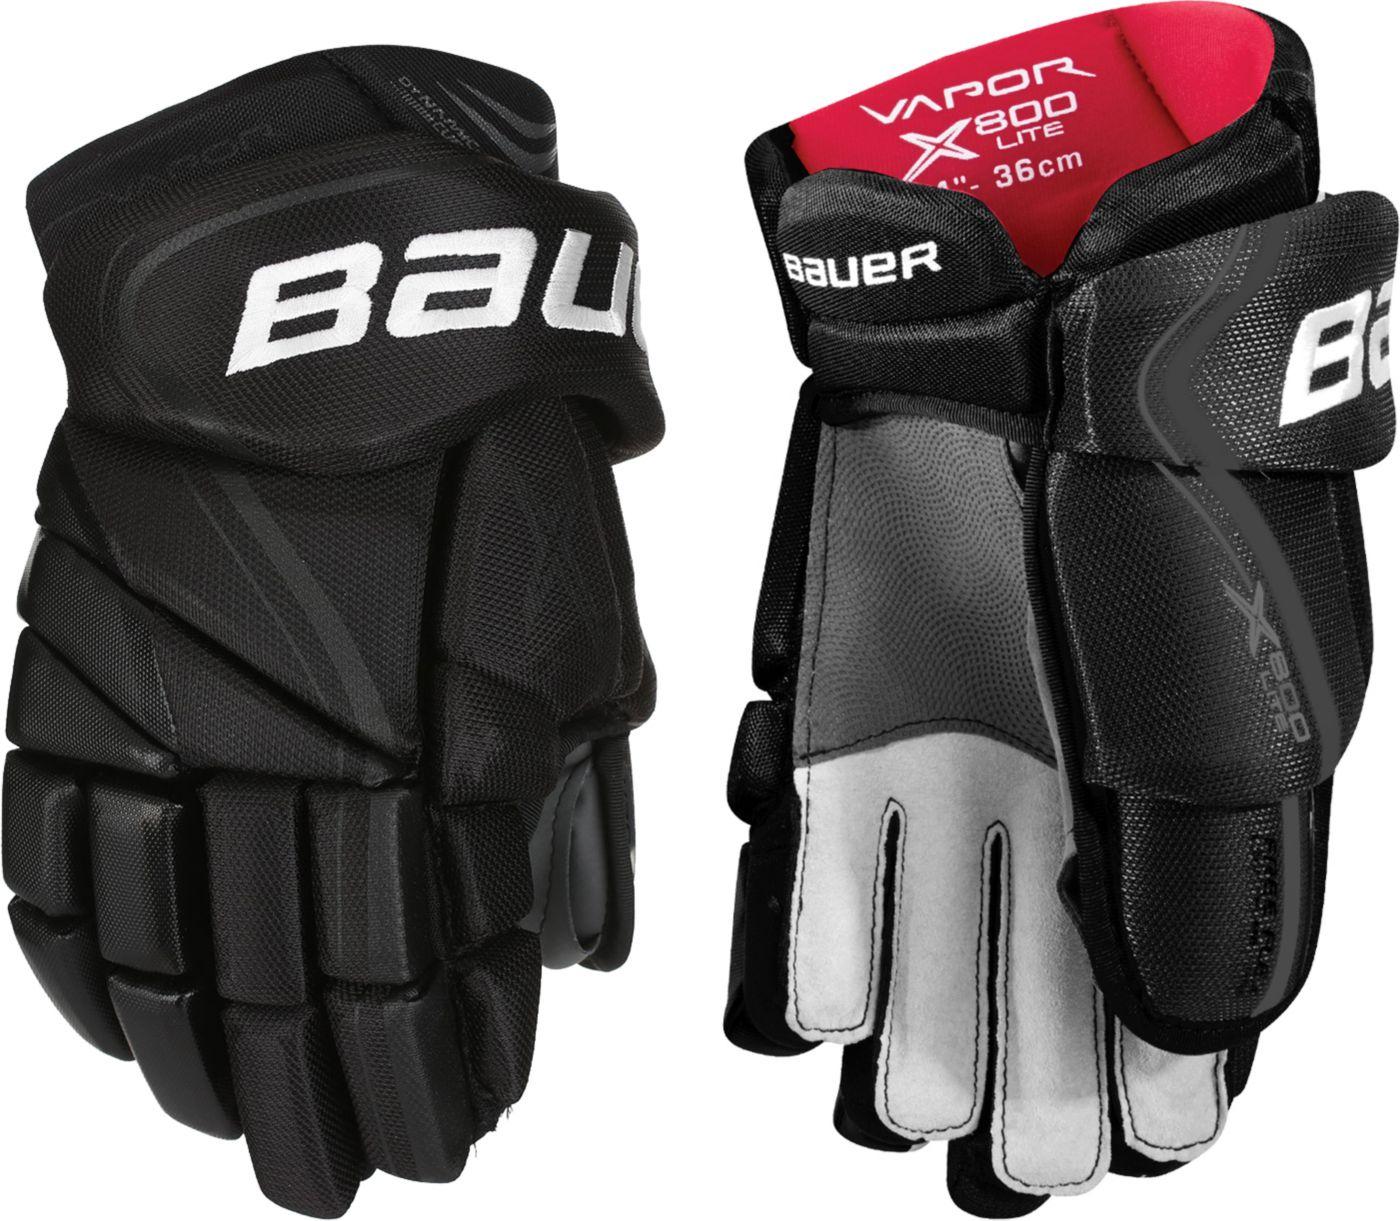 Bauer Junior Vapor X800 LITE Ice Hockey Gloves